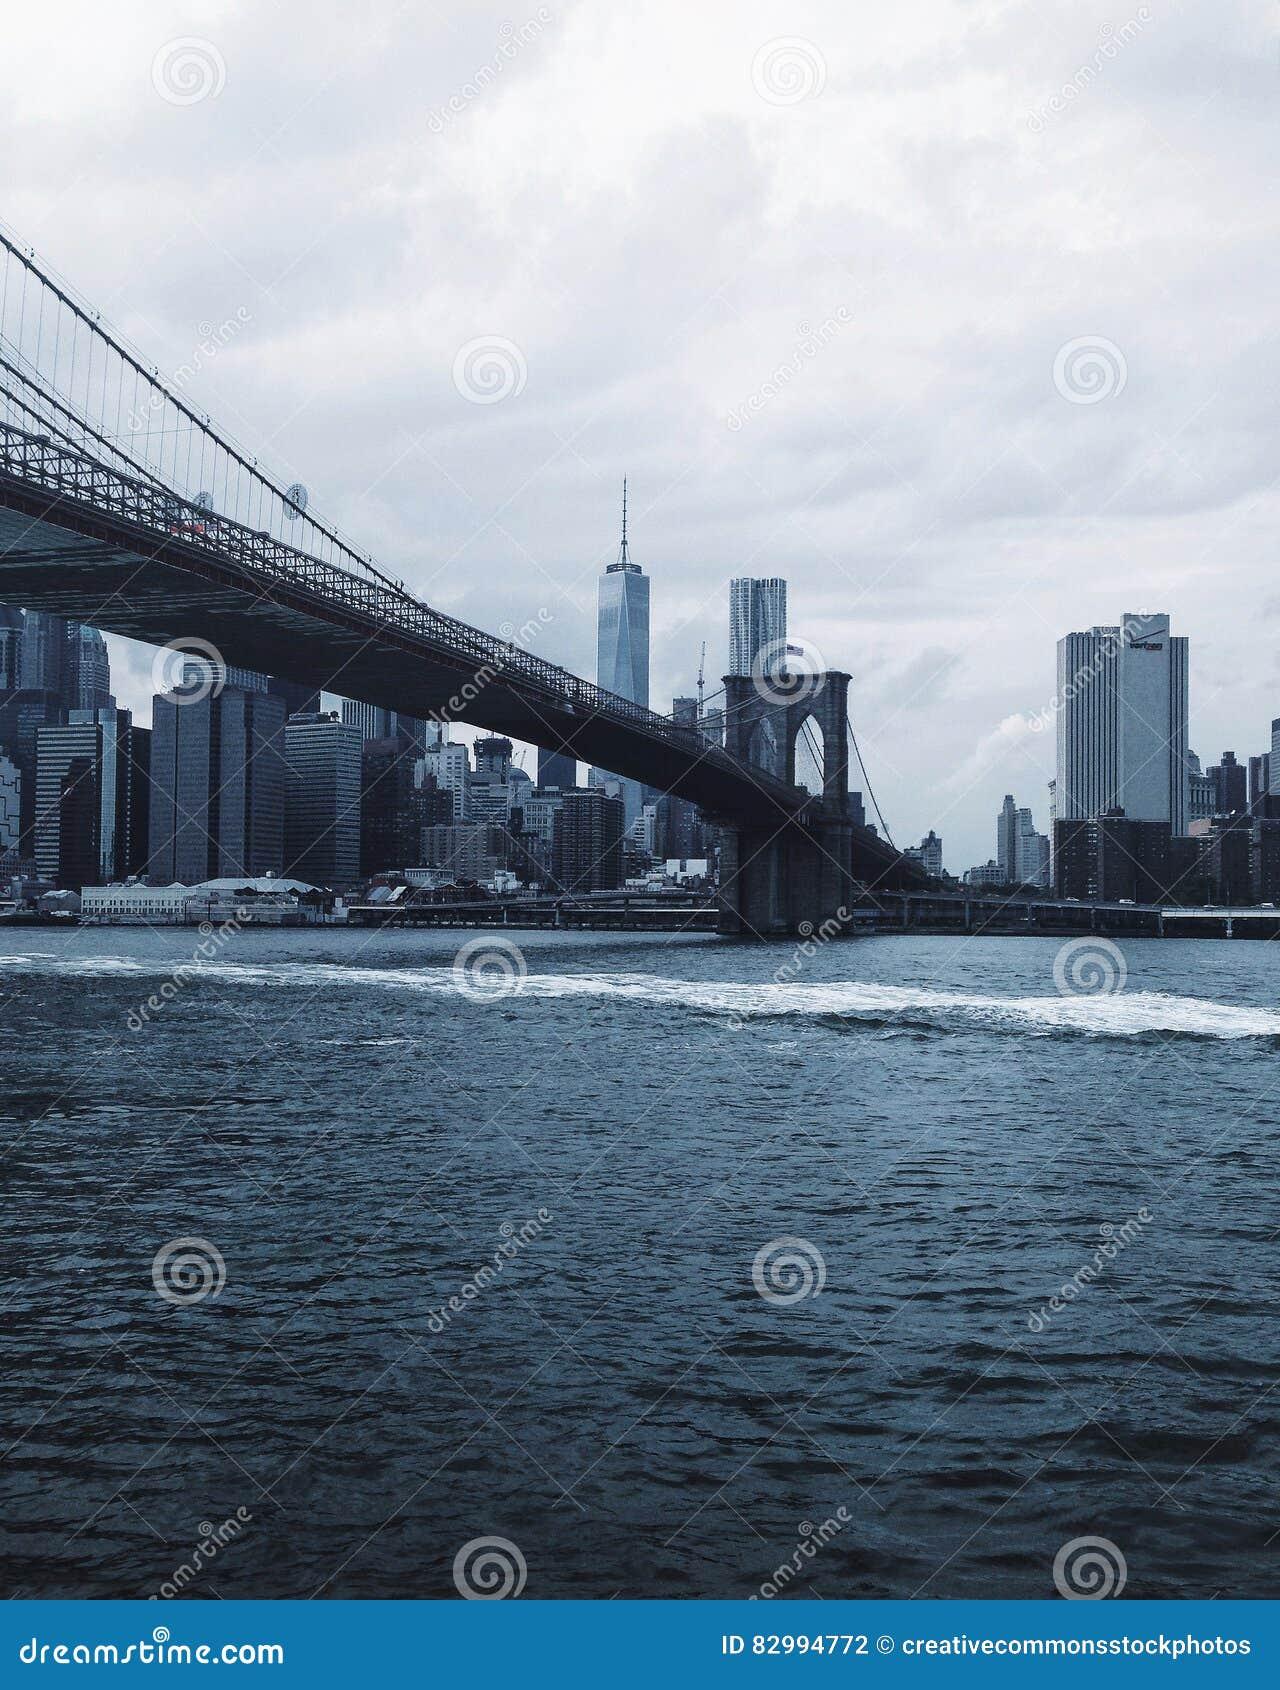 Brooklyn Bridge Blue and White Photo